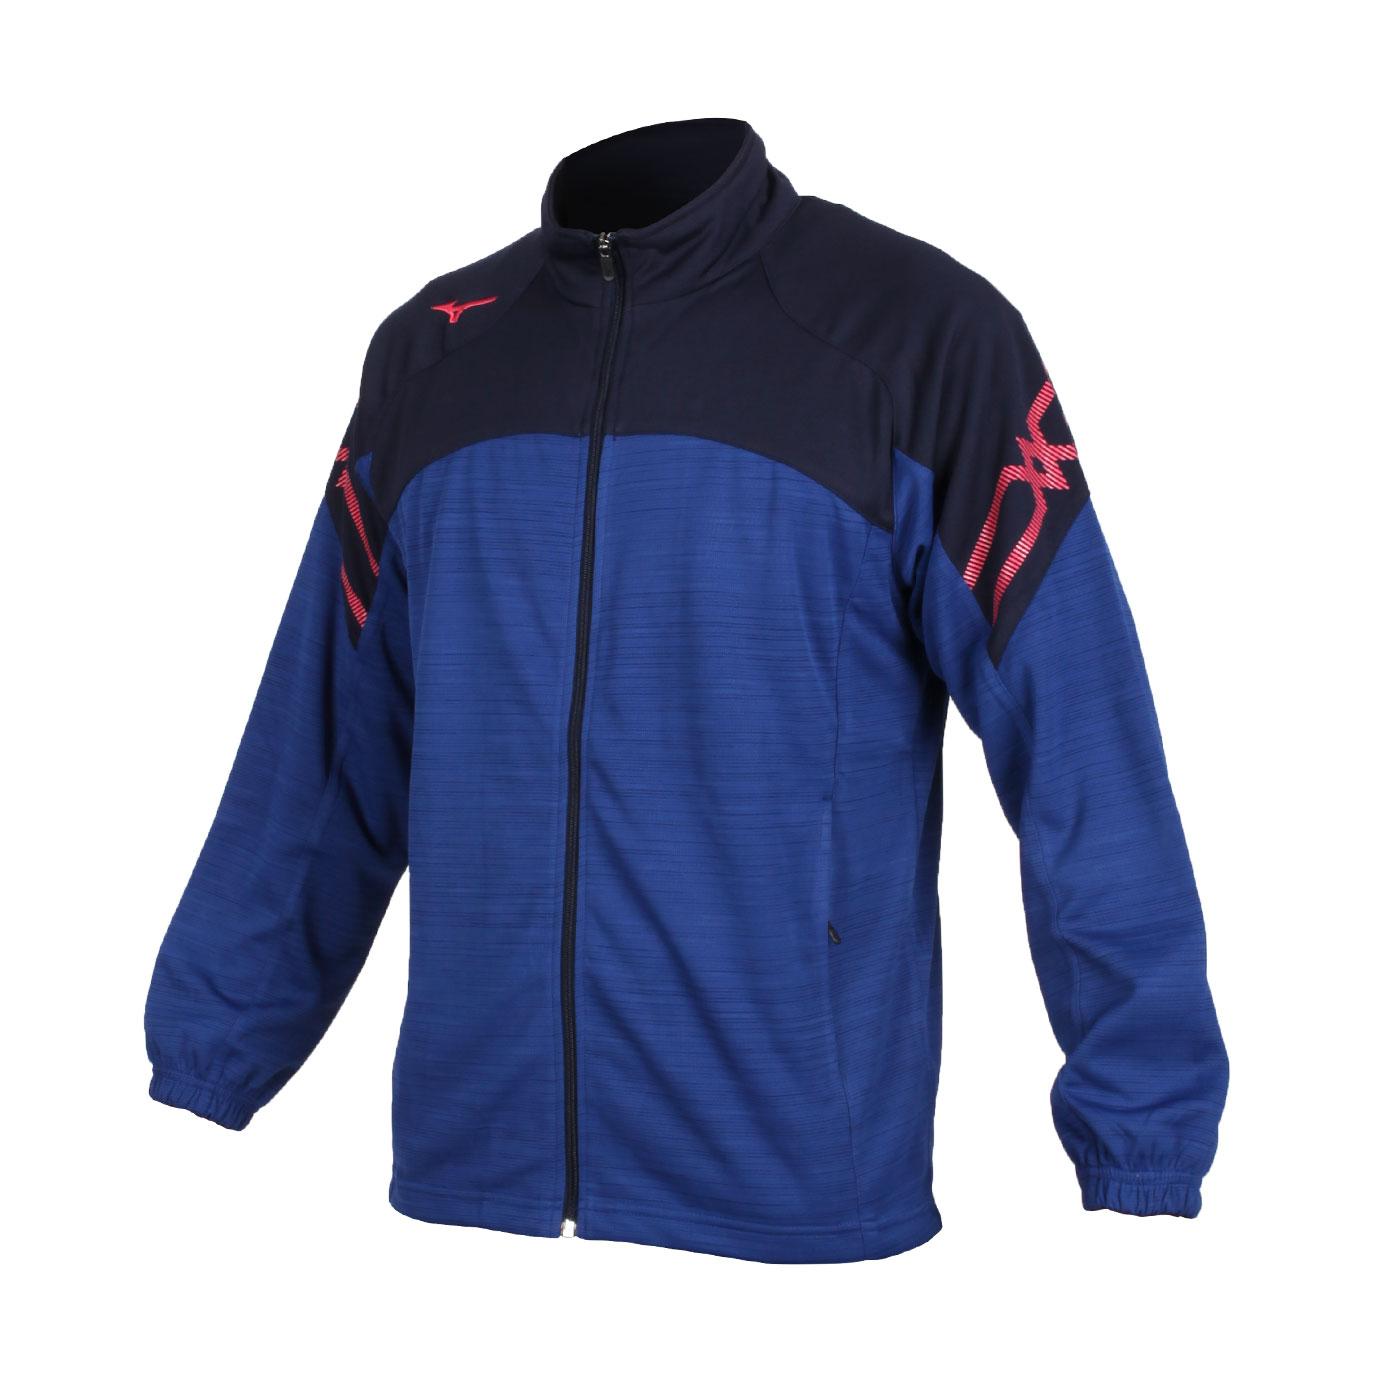 MIZUNO 男款針織運動外套 32TC053481 - 藍丈青玫紅